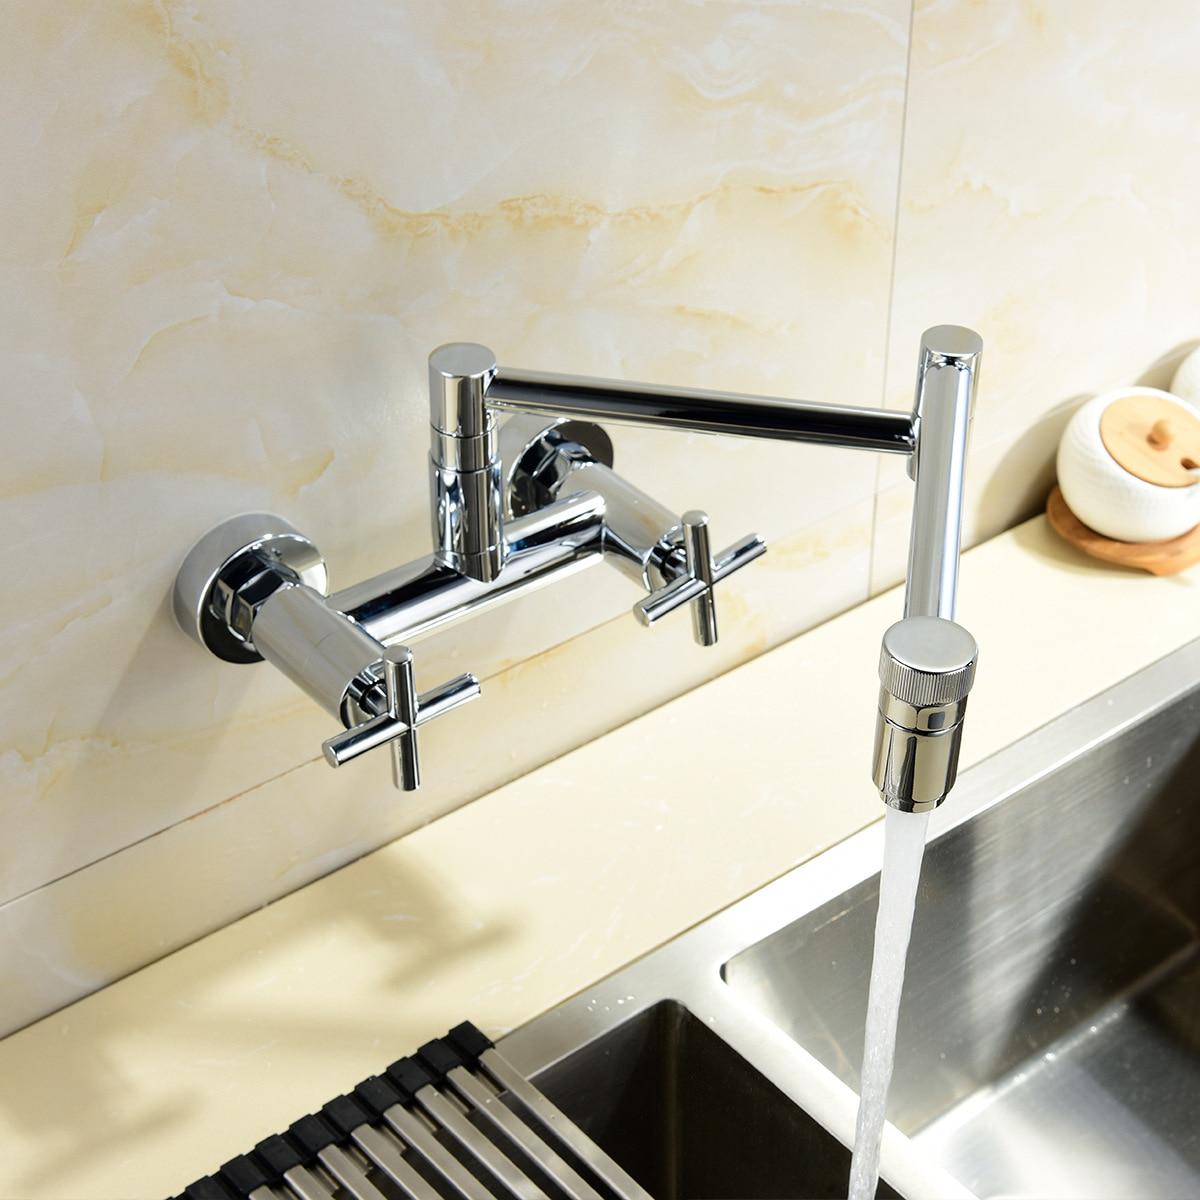 Robinet de cuisine mural en cuivre chromé universel rotatif robinet de cuisine à eau chaude et froide pliant bissorcière en dehors de la chine